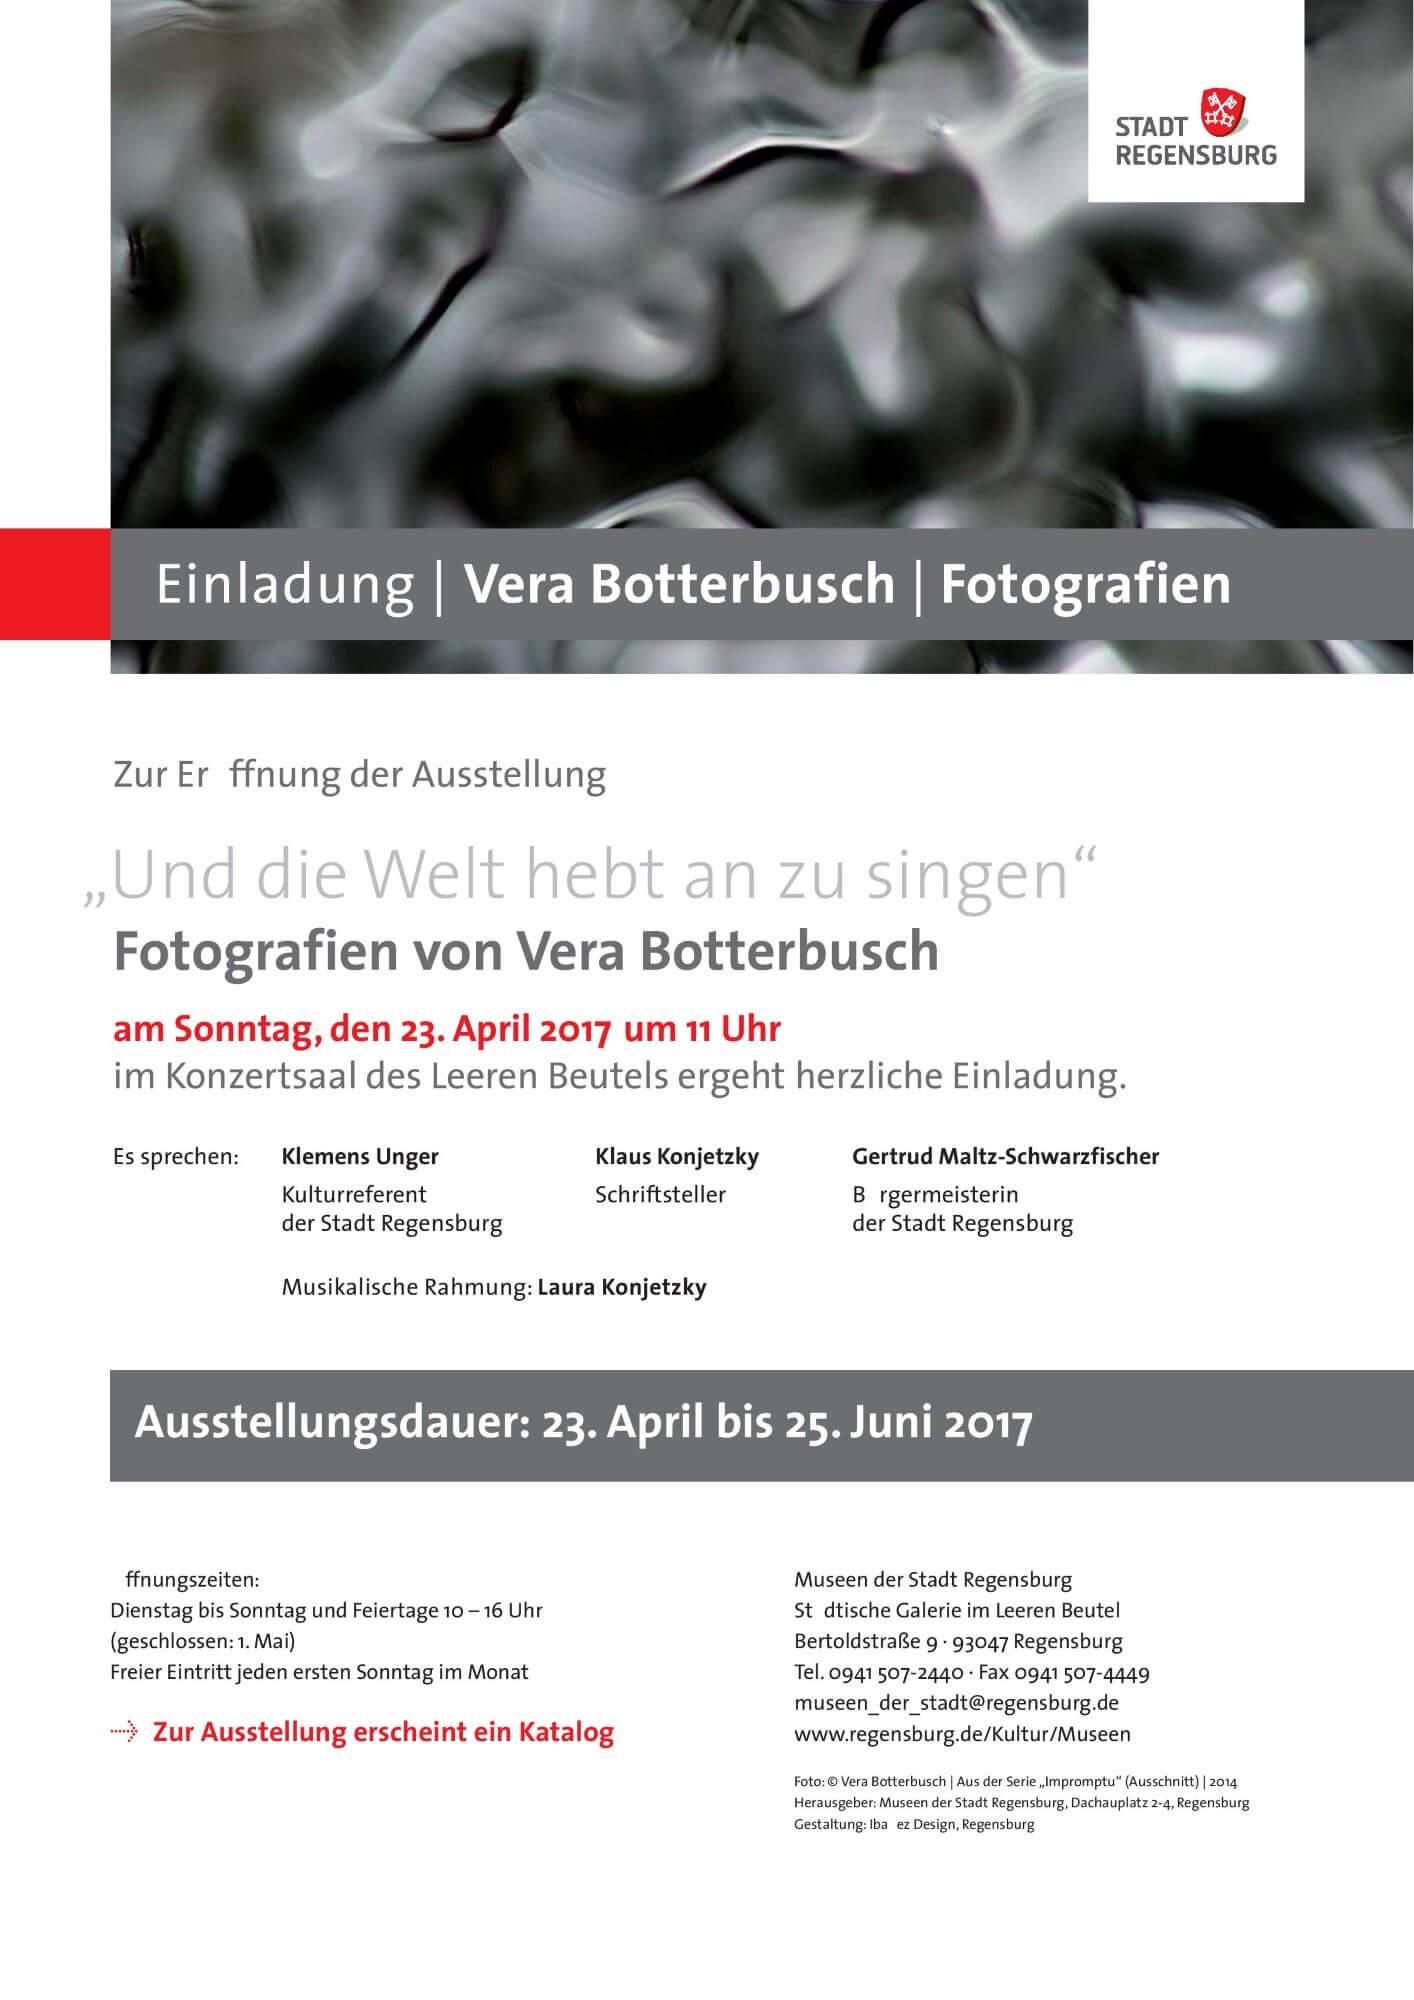 vera-botterbusch-einladung